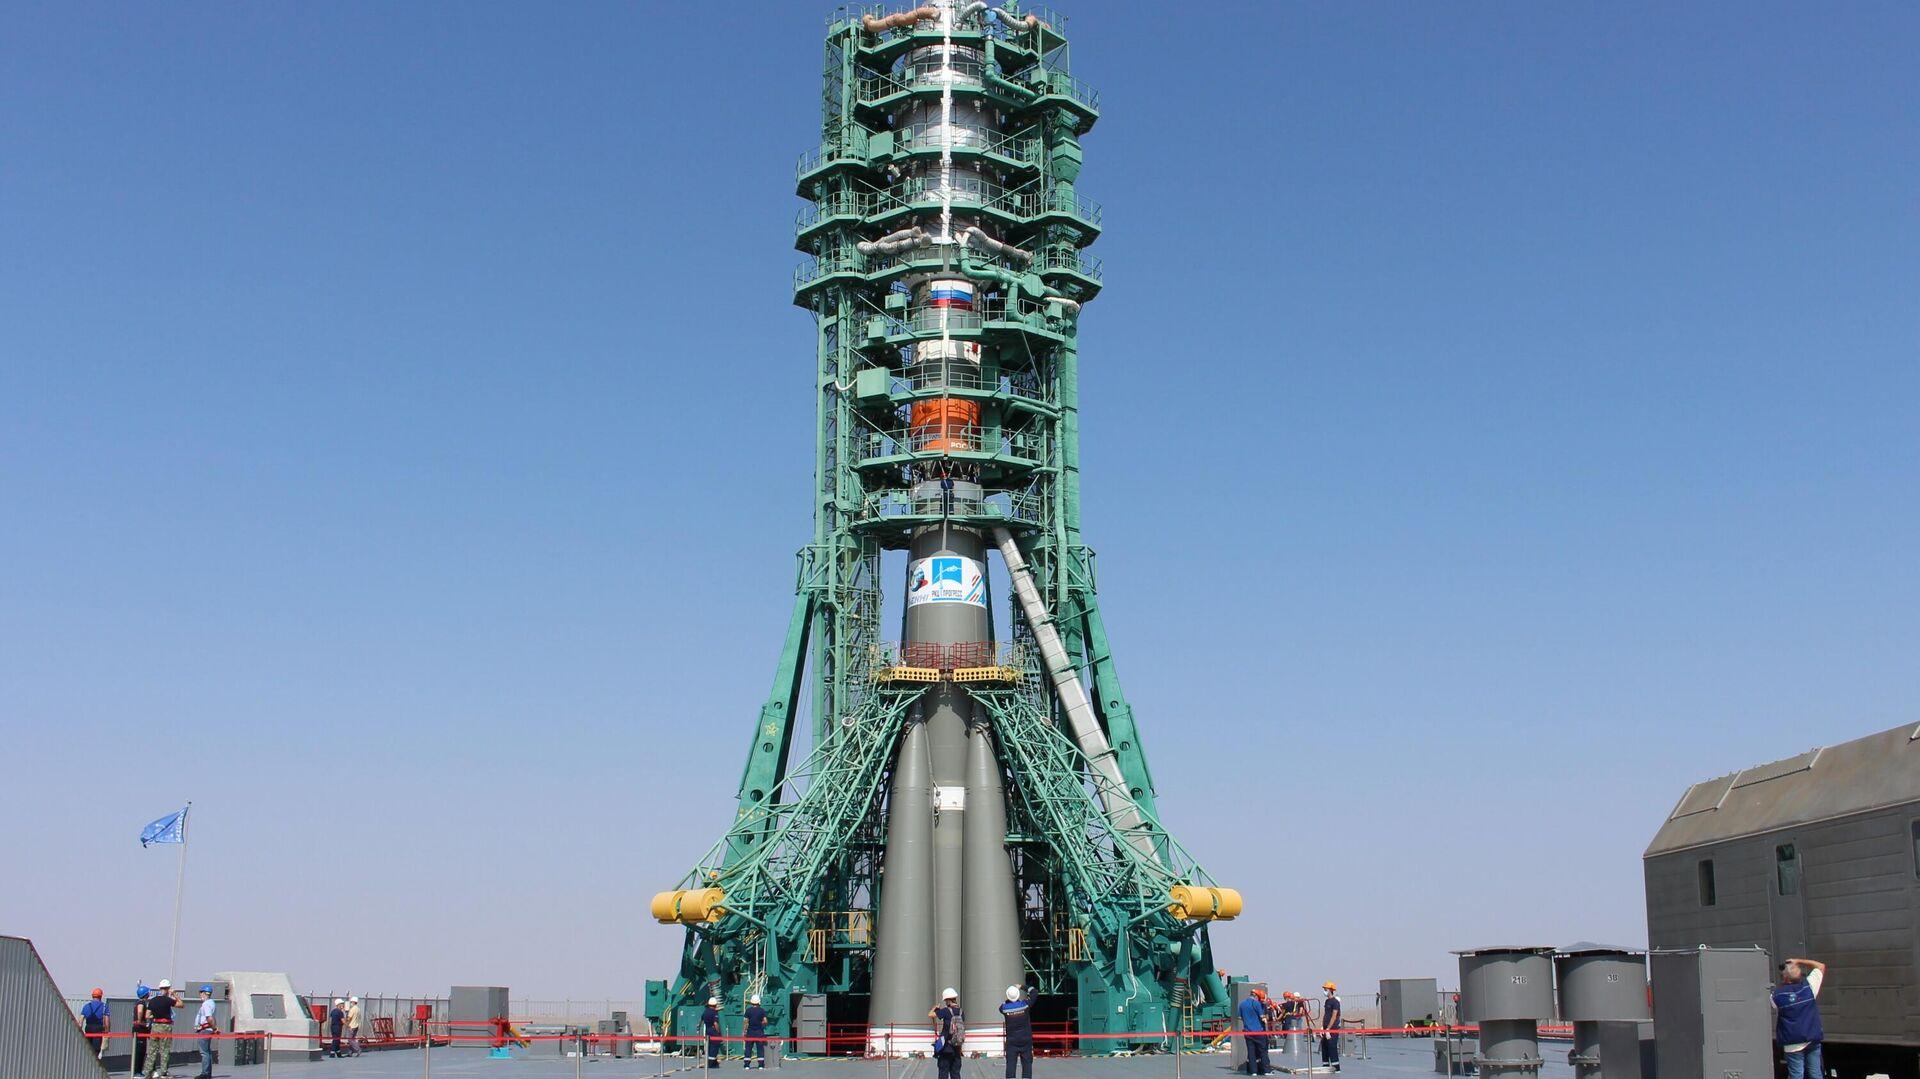 El cohete Soyuz-2.1b en el cosmódromo Baikonur - Sputnik Mundo, 1920, 20.08.2021